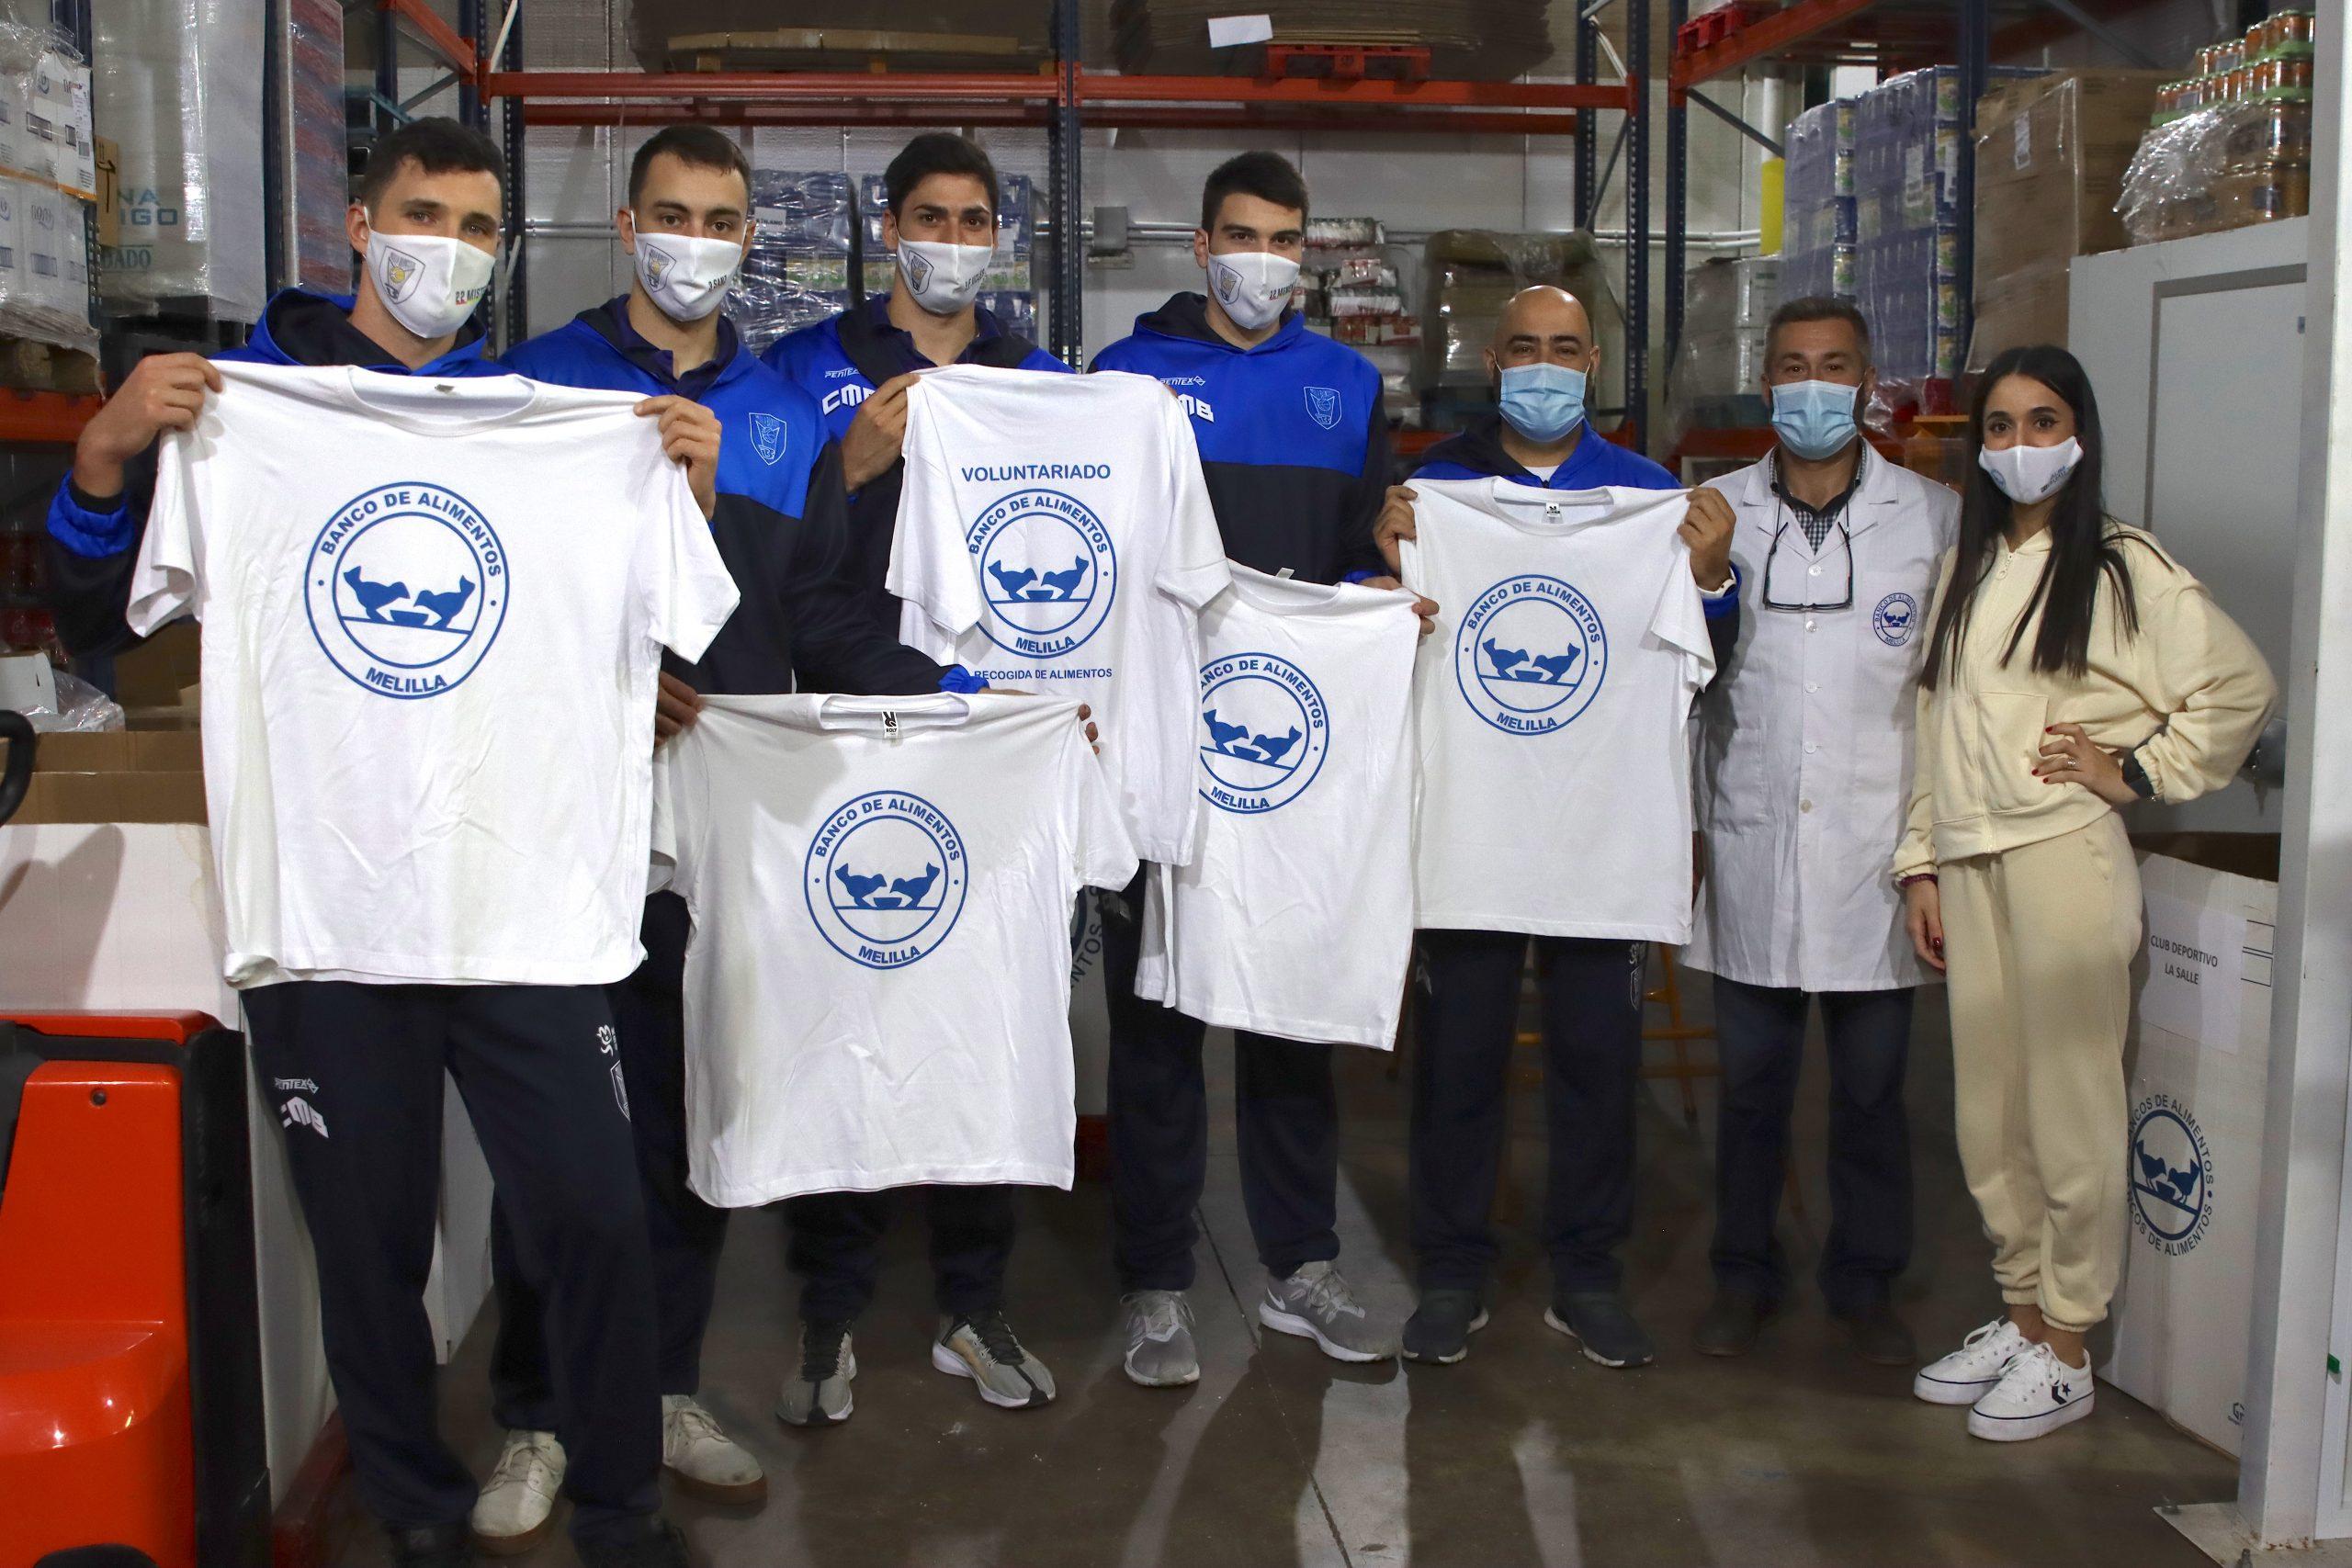 Jugadores (entre ellos el naviego Javi Menéndez) y Cuerpo Técnico del CB Melilla Sport Capital visitan y colaboran como voluntarios en diversas labores del Banco de Alimentos Melillense